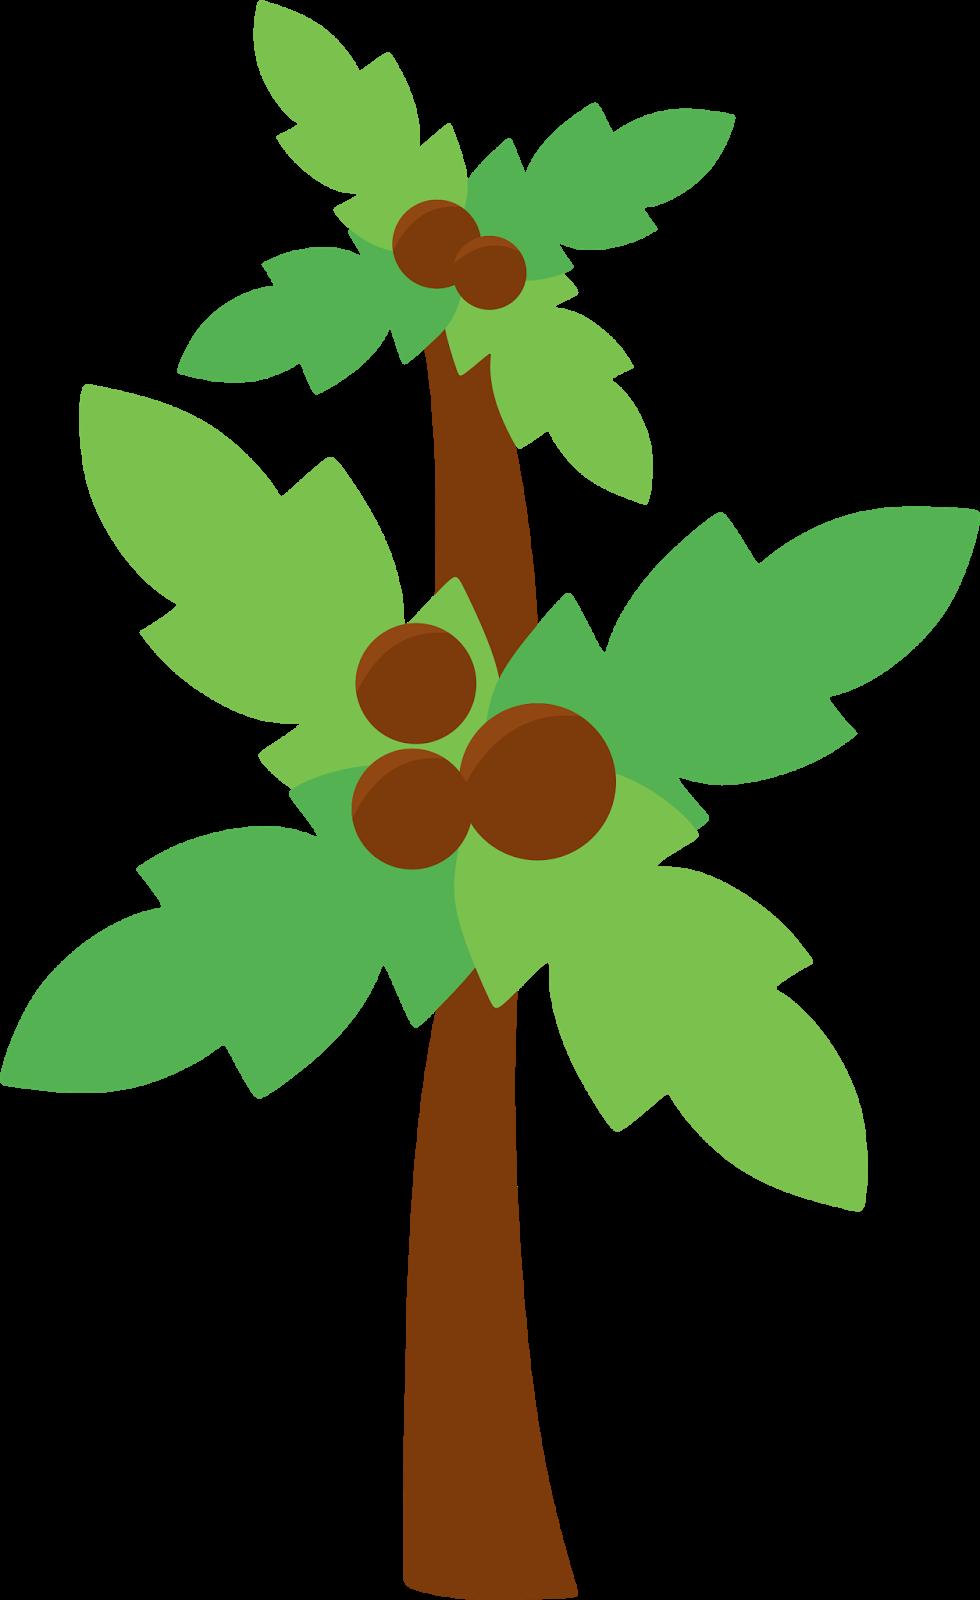 jungle clipart land plant